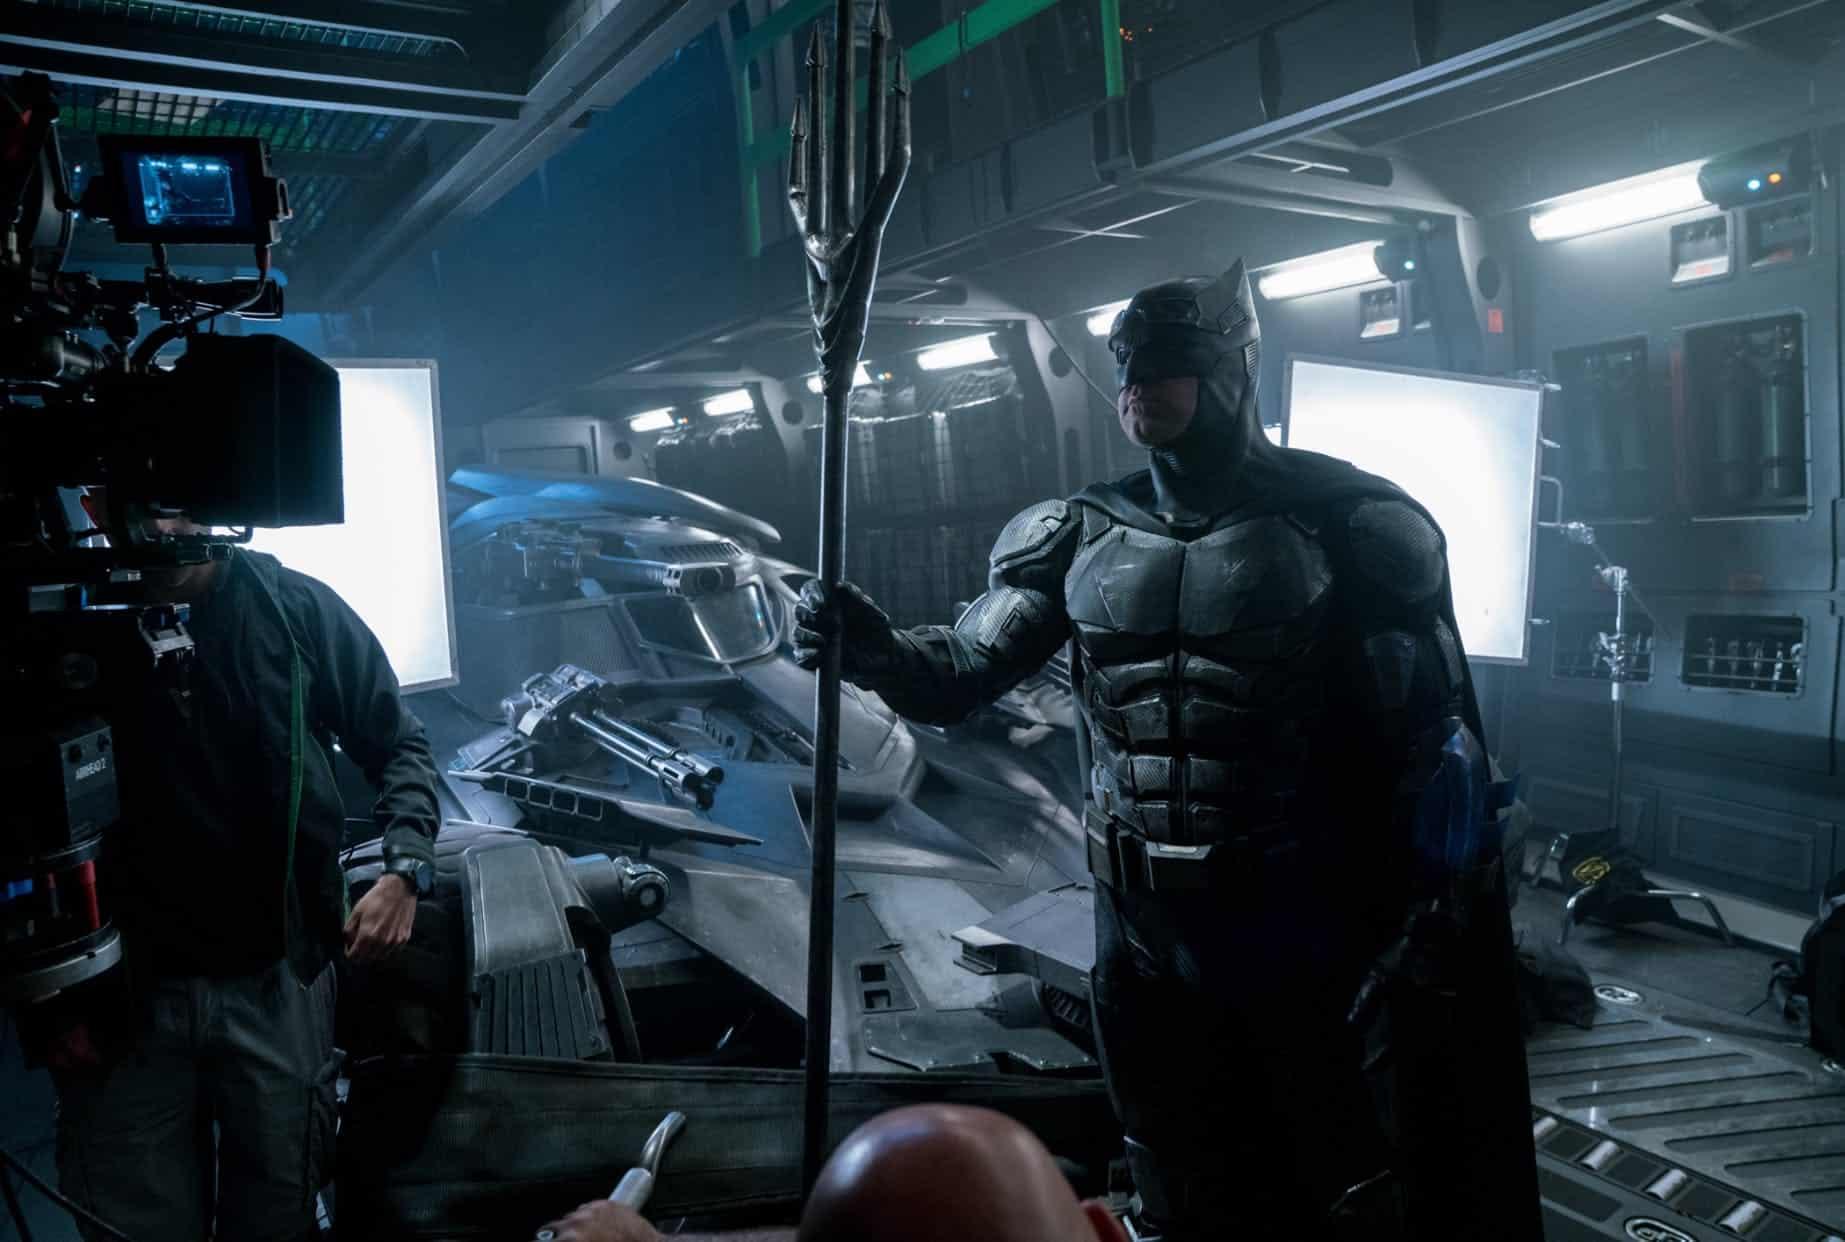 No Snyder Cut, o Batman deixa de lado a razão e se torna mais um homem de fé (Foto: divulgação / Warner Bros.)